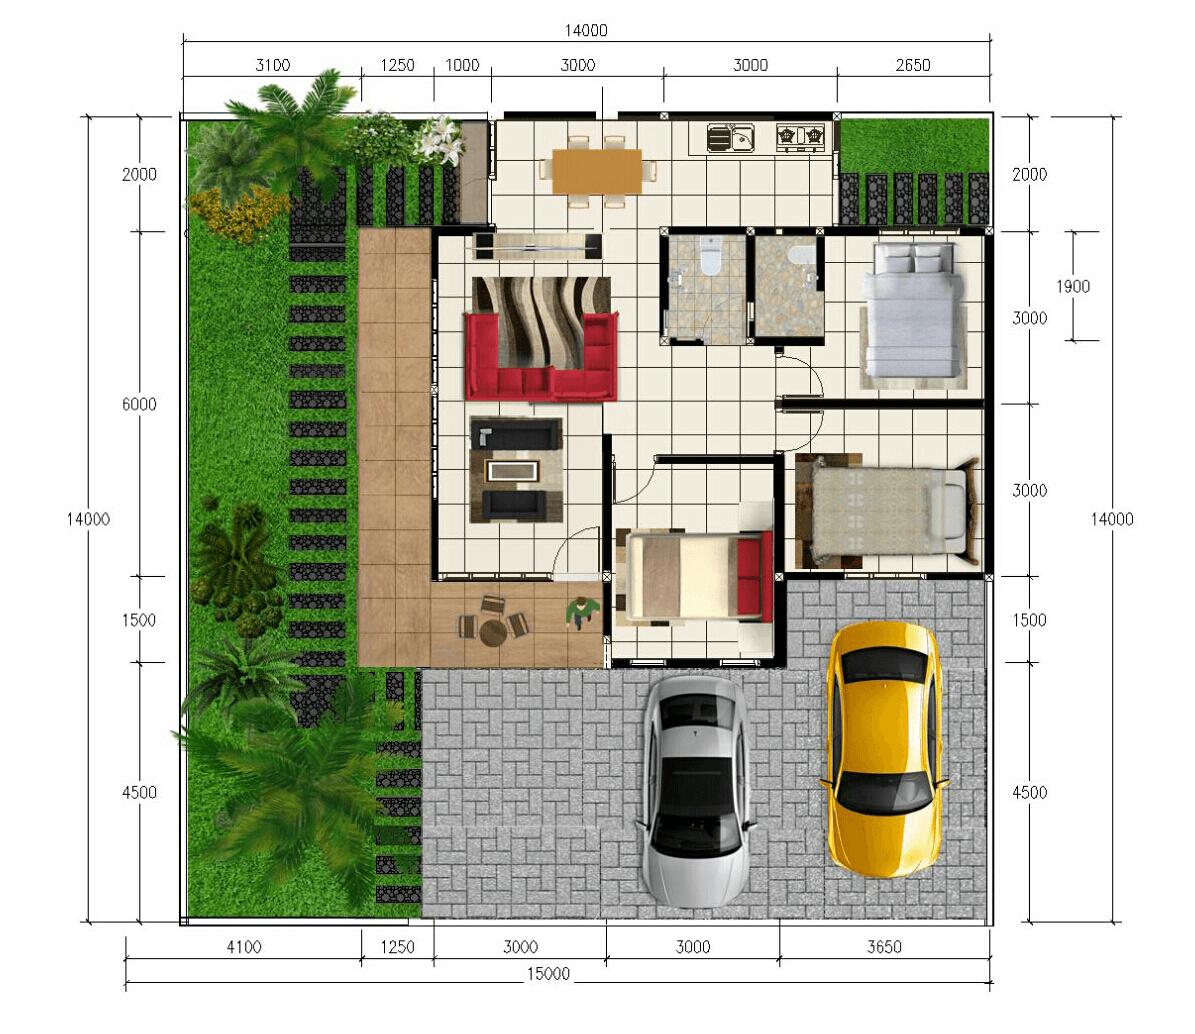 Ady-Studio Marshall Village Depok, Kota Depok, Jawa Barat, Indonesia Depok, Kota Depok, Jawa Barat, Indonesia Ady-Studio-Marshall-Village  55690